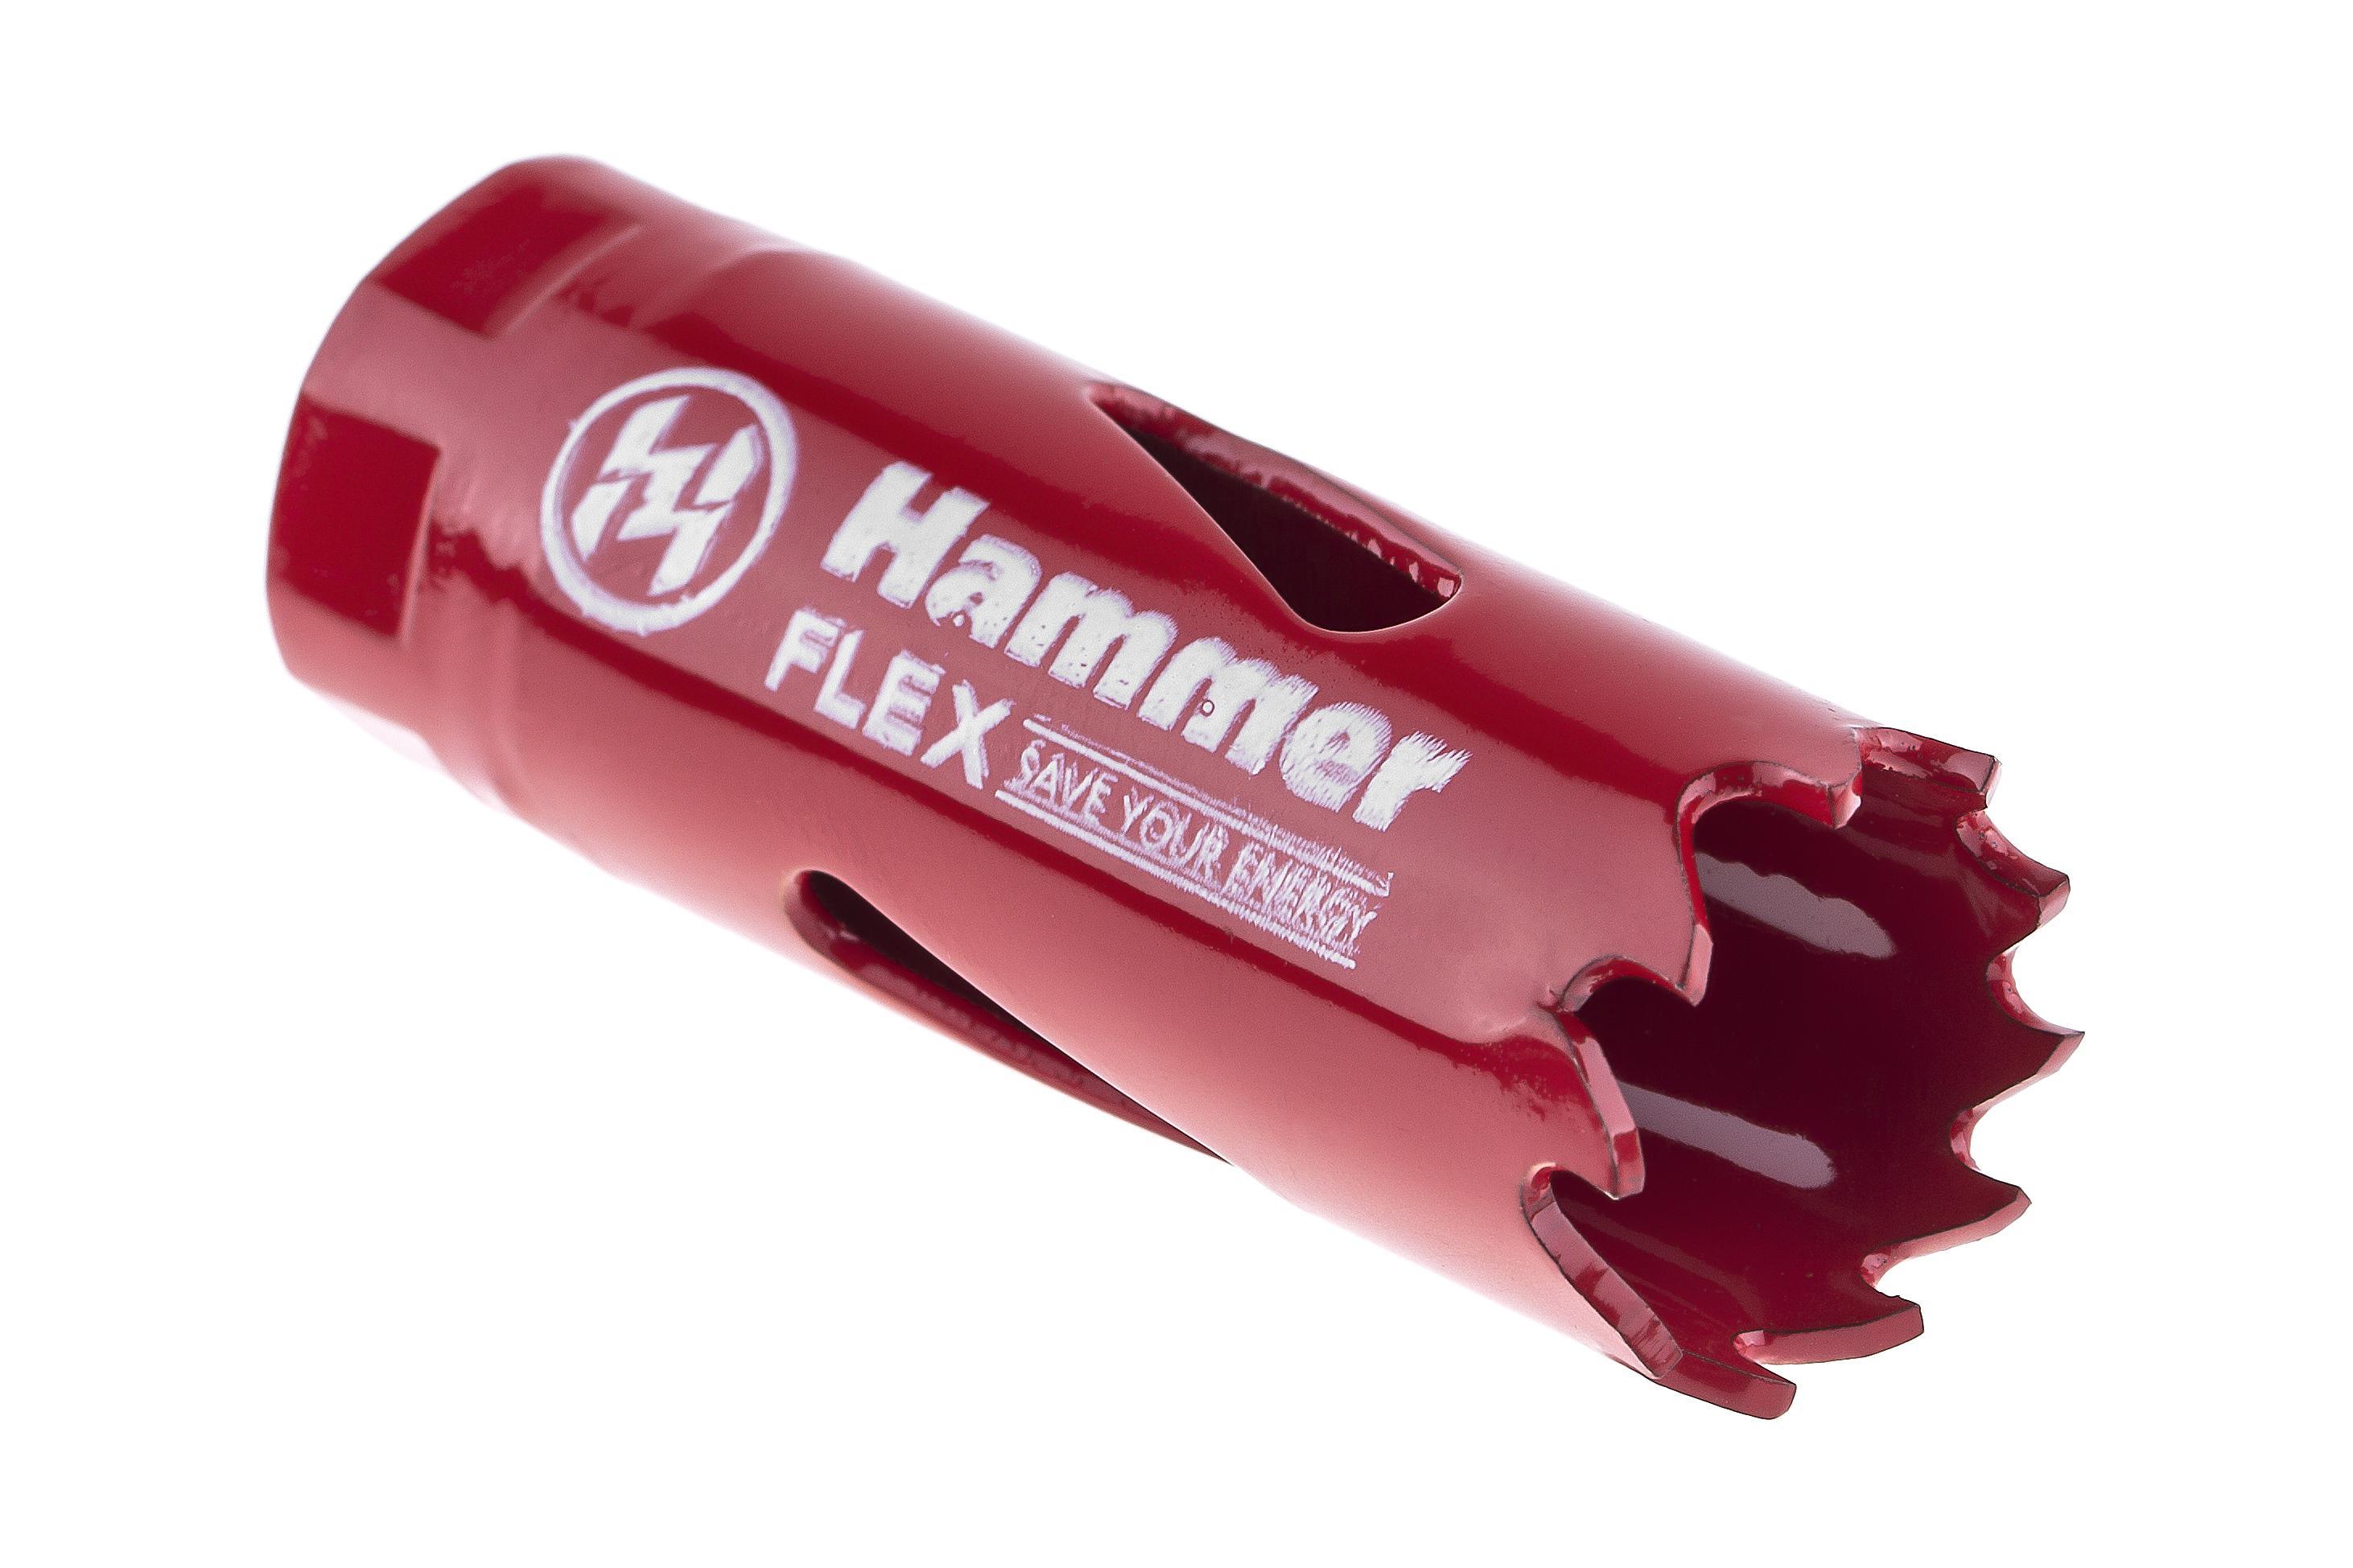 Коронка биметаллическая Hammer 224-001 bimetall 19 мм адаптер hammer 224 017 33683